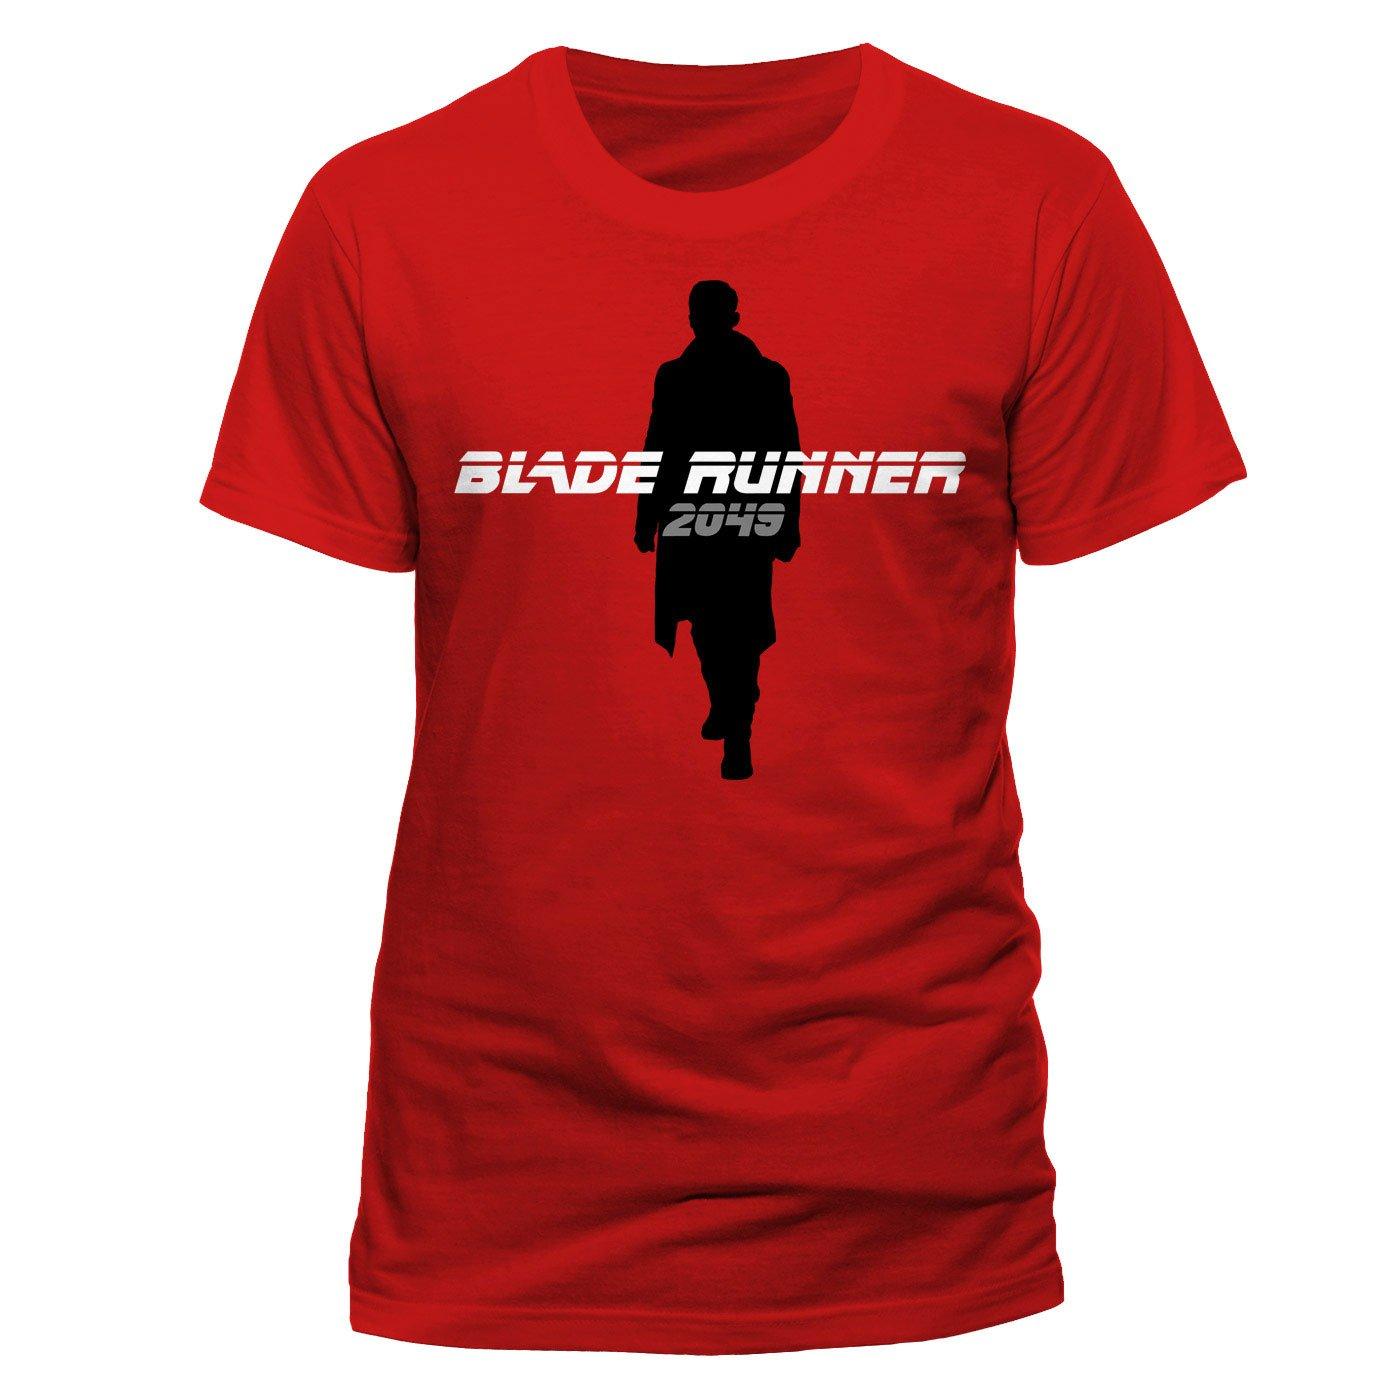 Blade Runner 2049 T-Shirt Silhouette Size XL